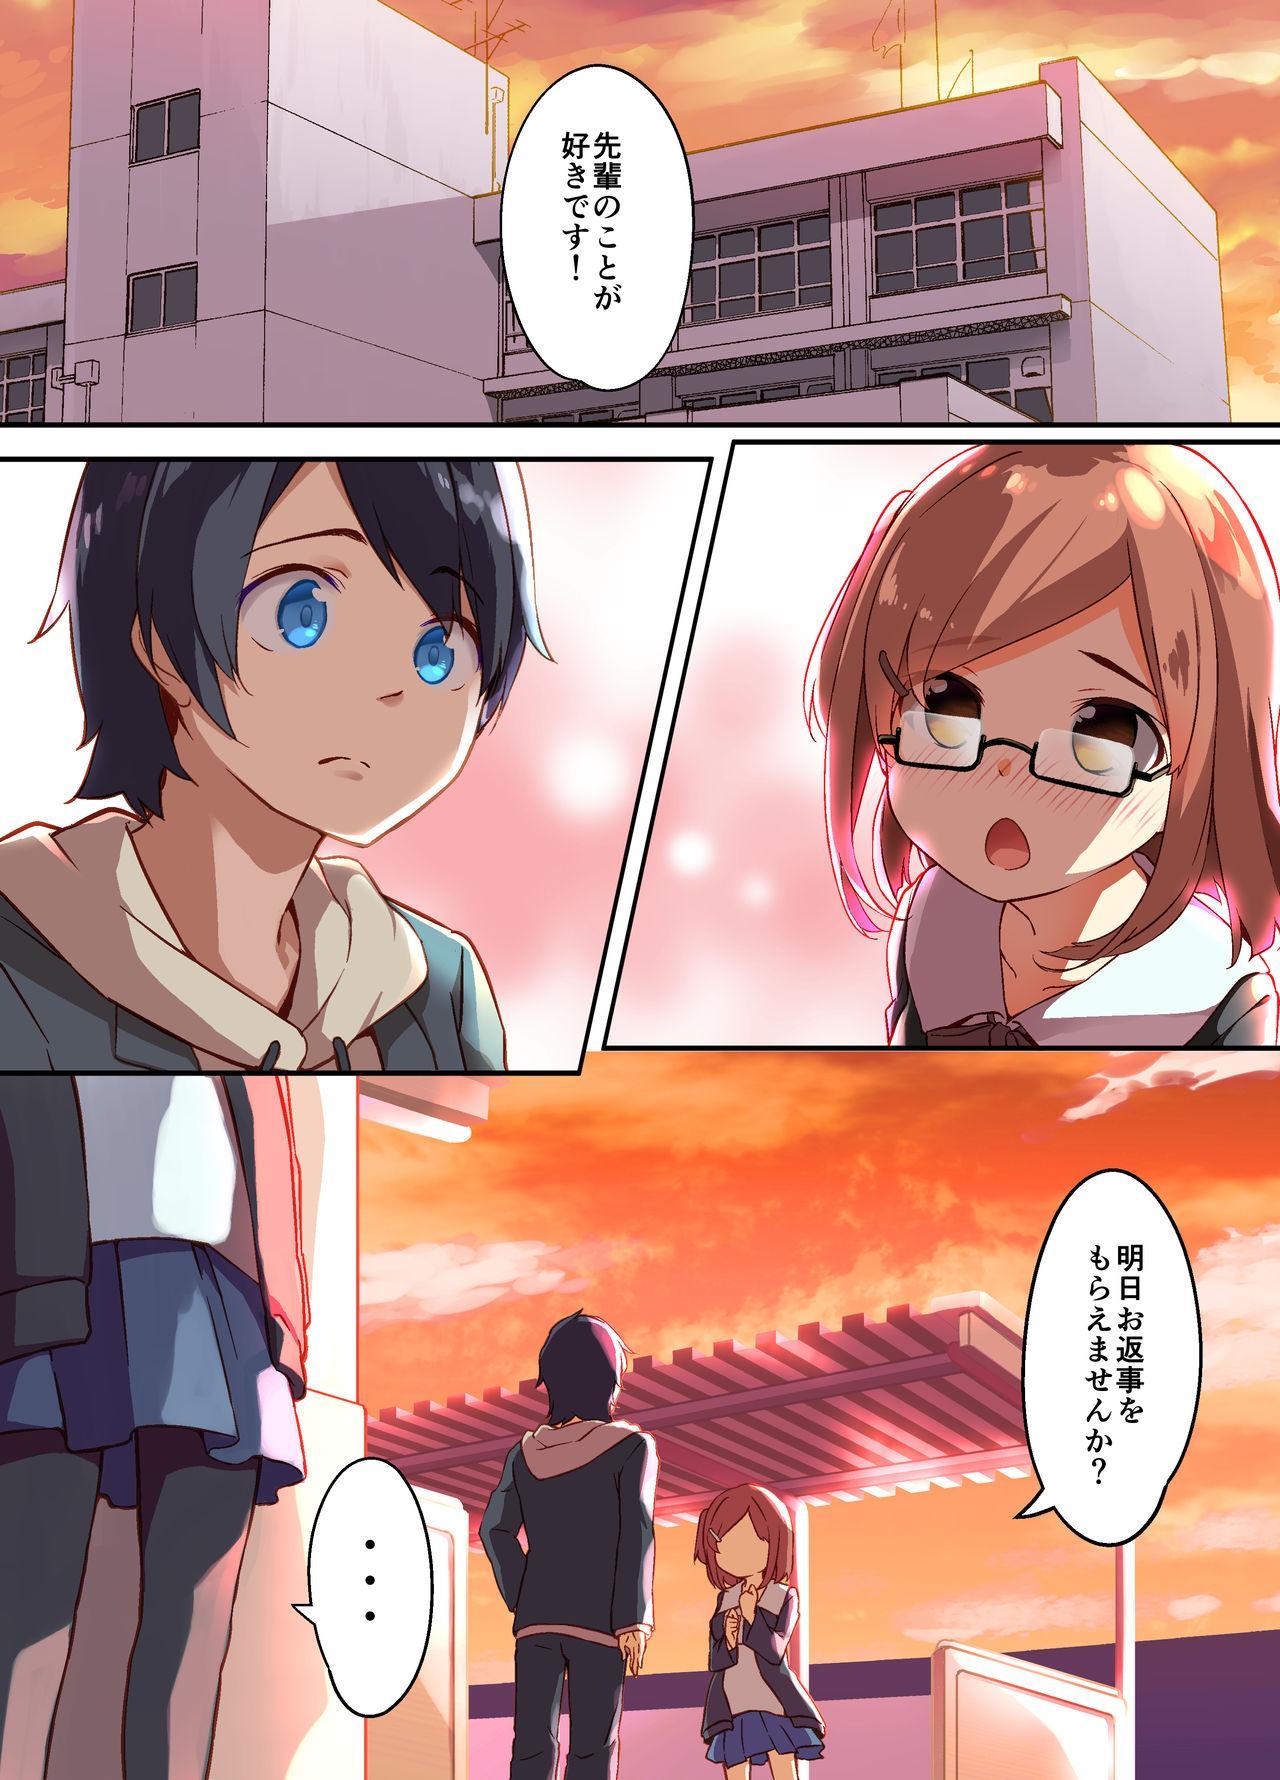 Onii-chan ni Haramasaretai Yandere Imouto wa Karada o Koukan shite Kozukuri H shichau no 1